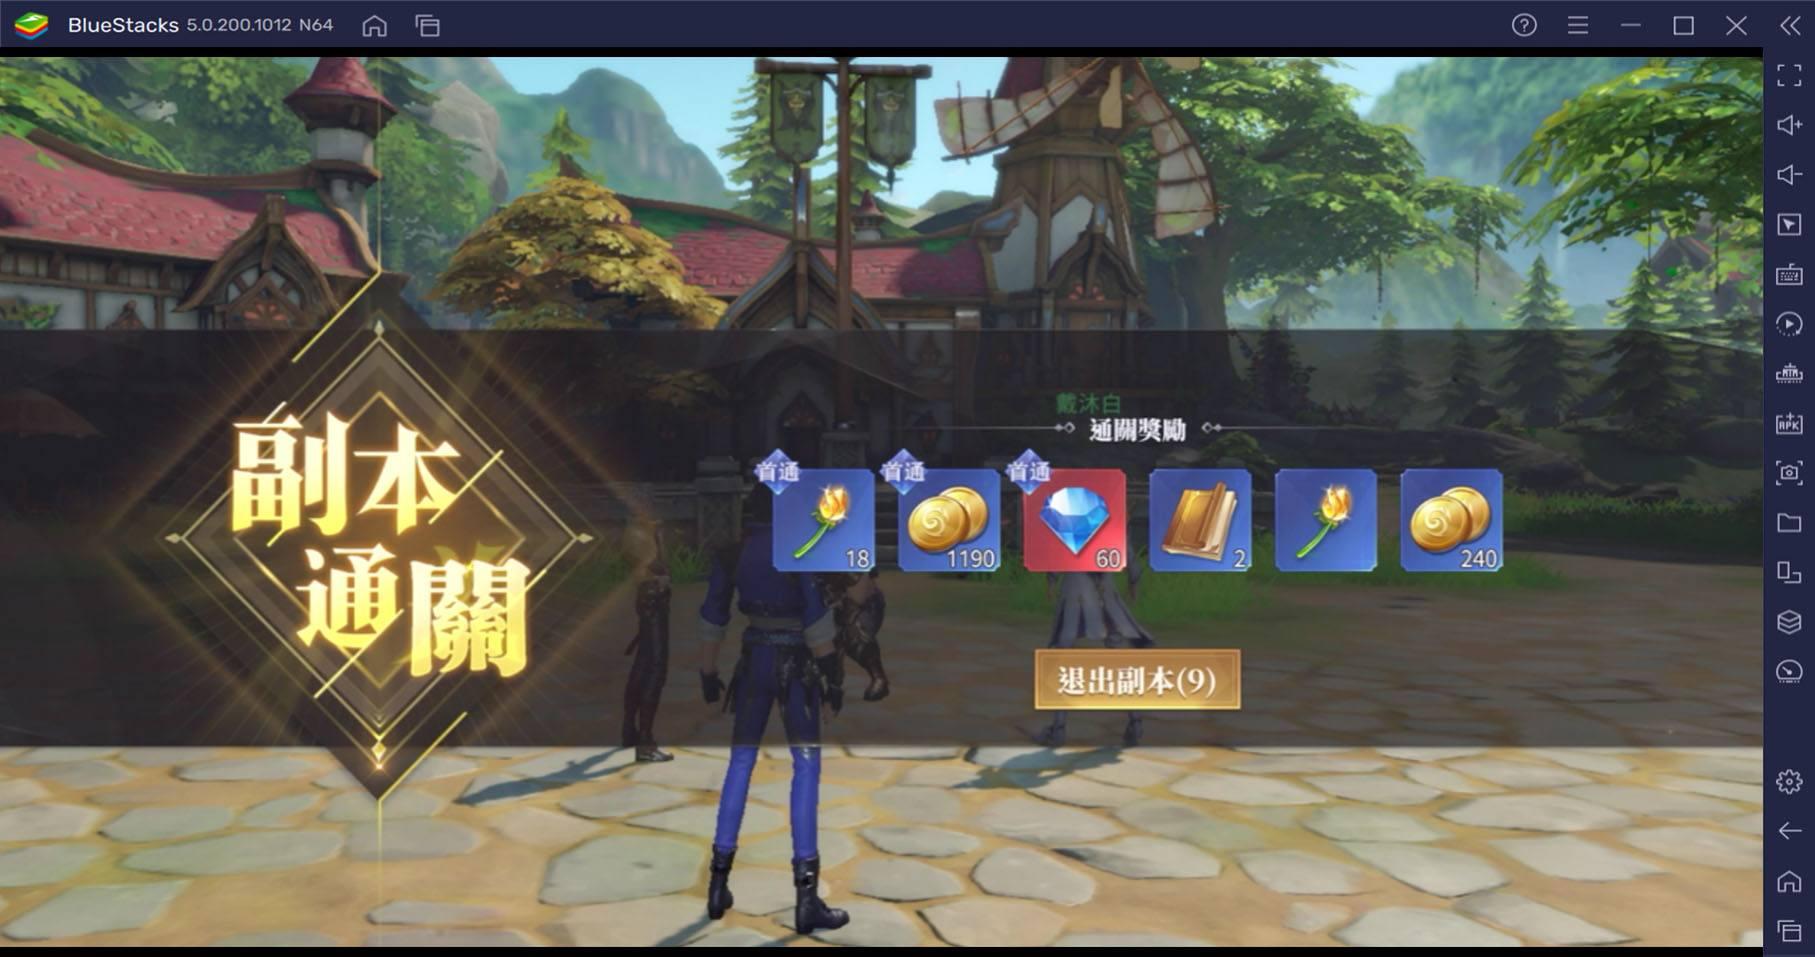 如何使用BlueStacks在電腦上玩《斗羅大陸3D:魂師對決》